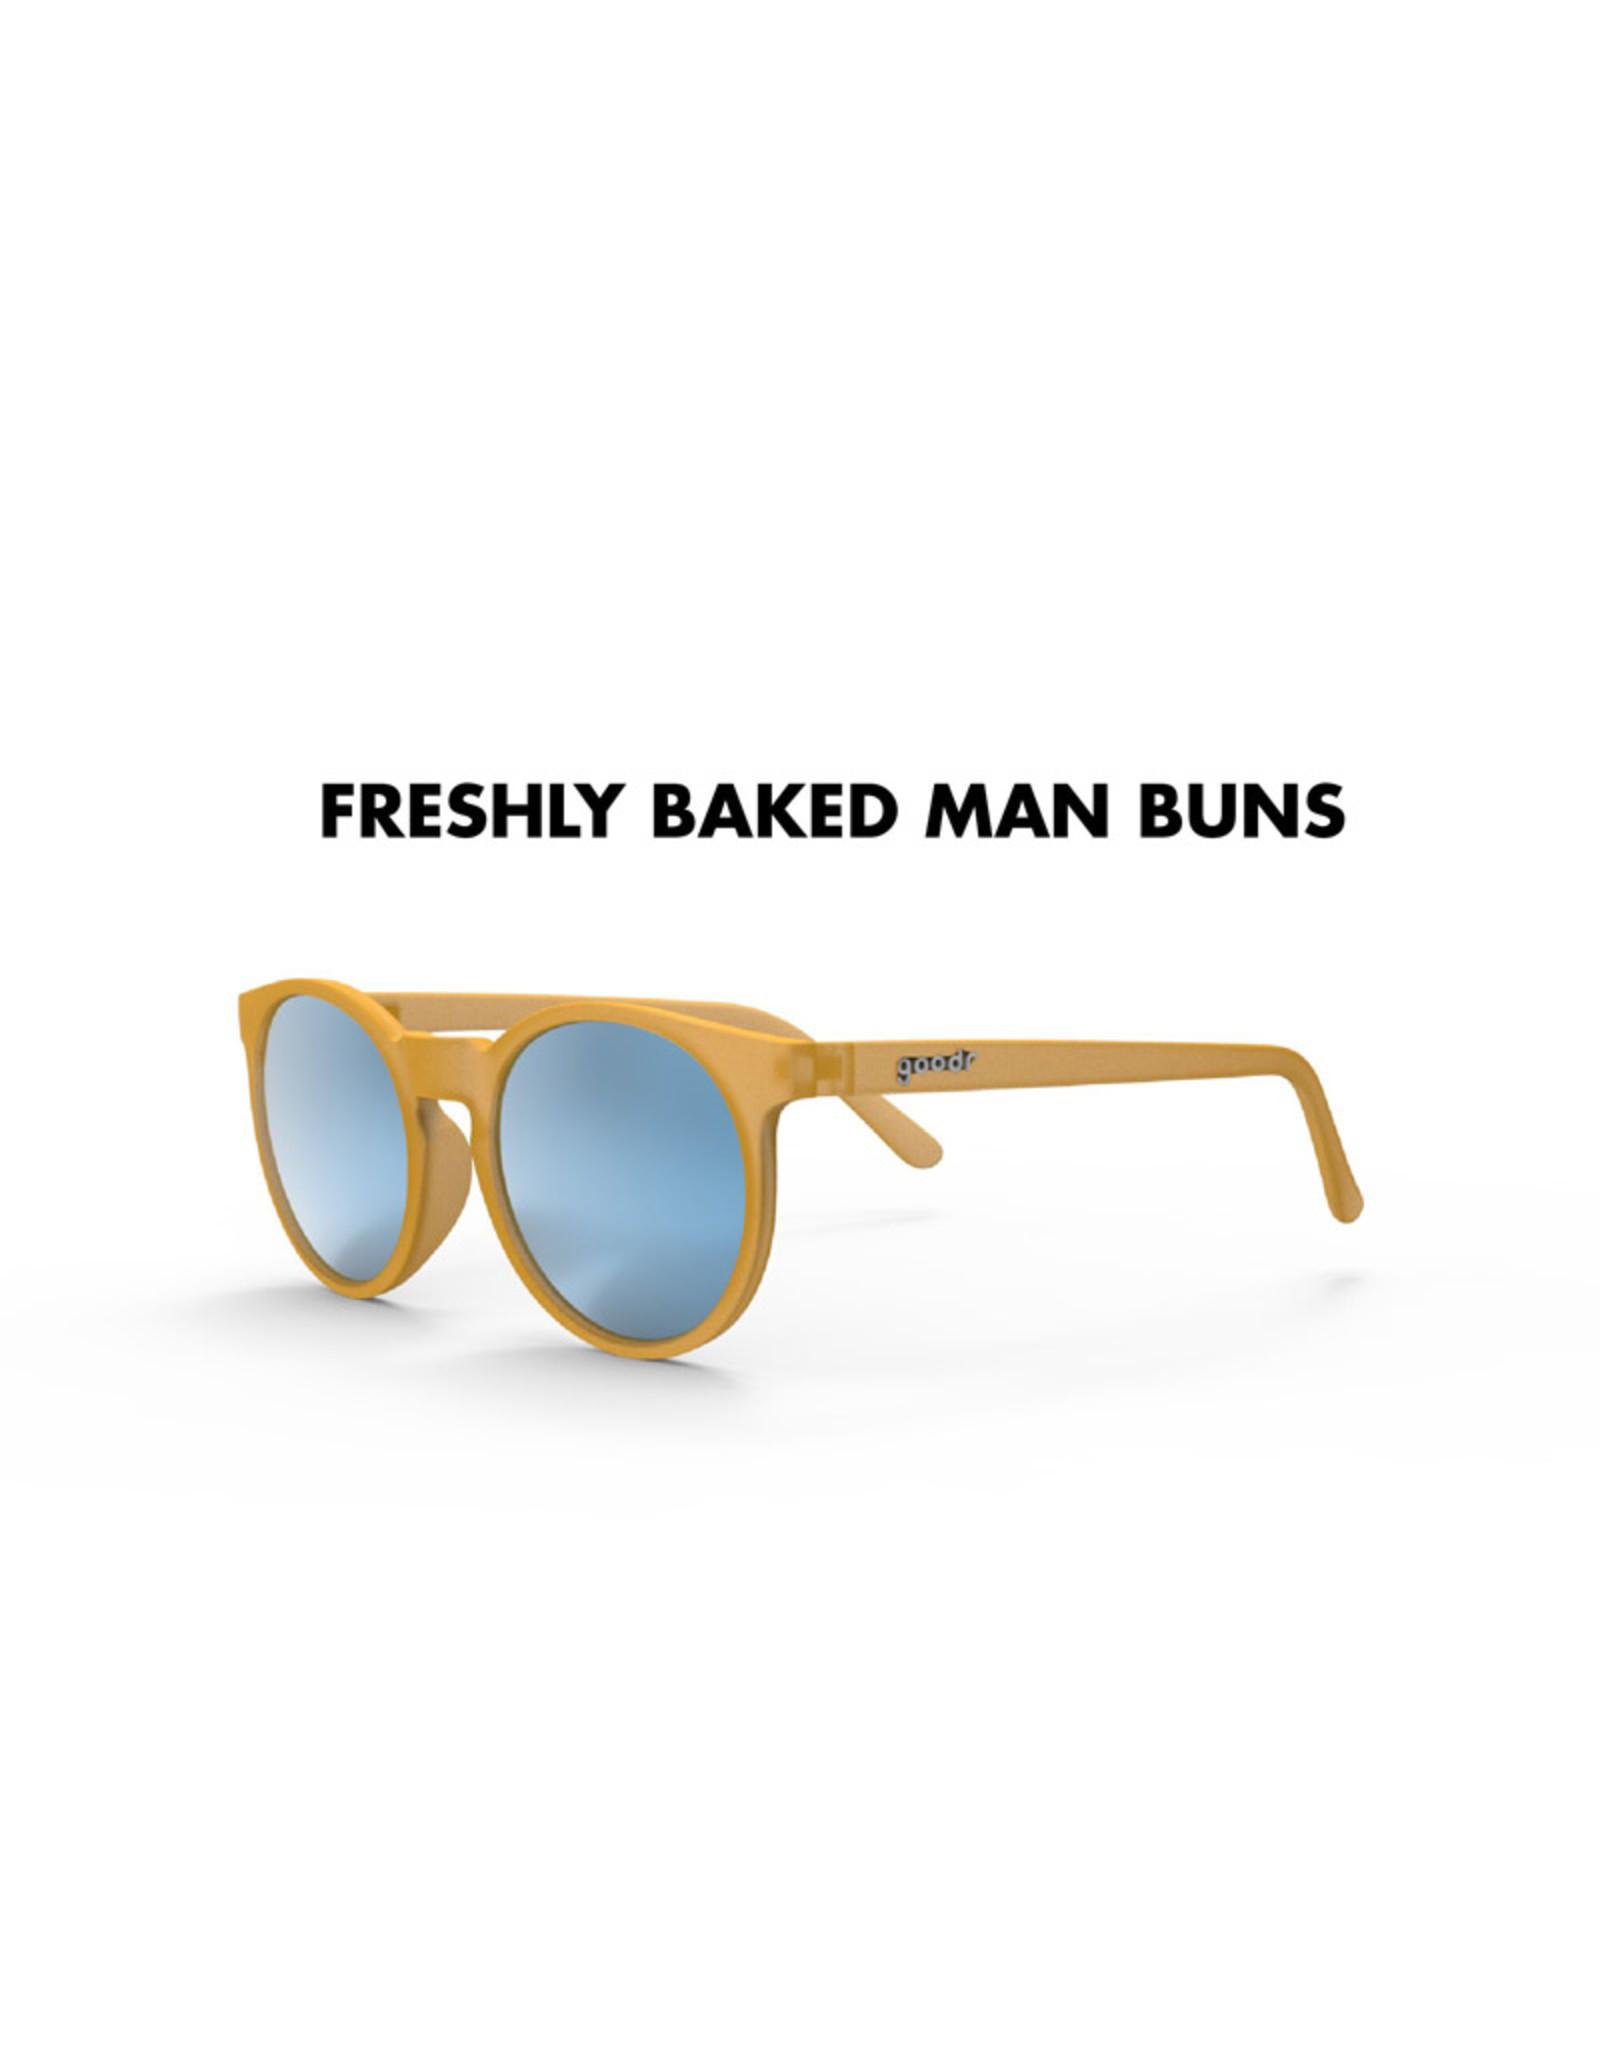 GOODR Freshly Baked Man Buns